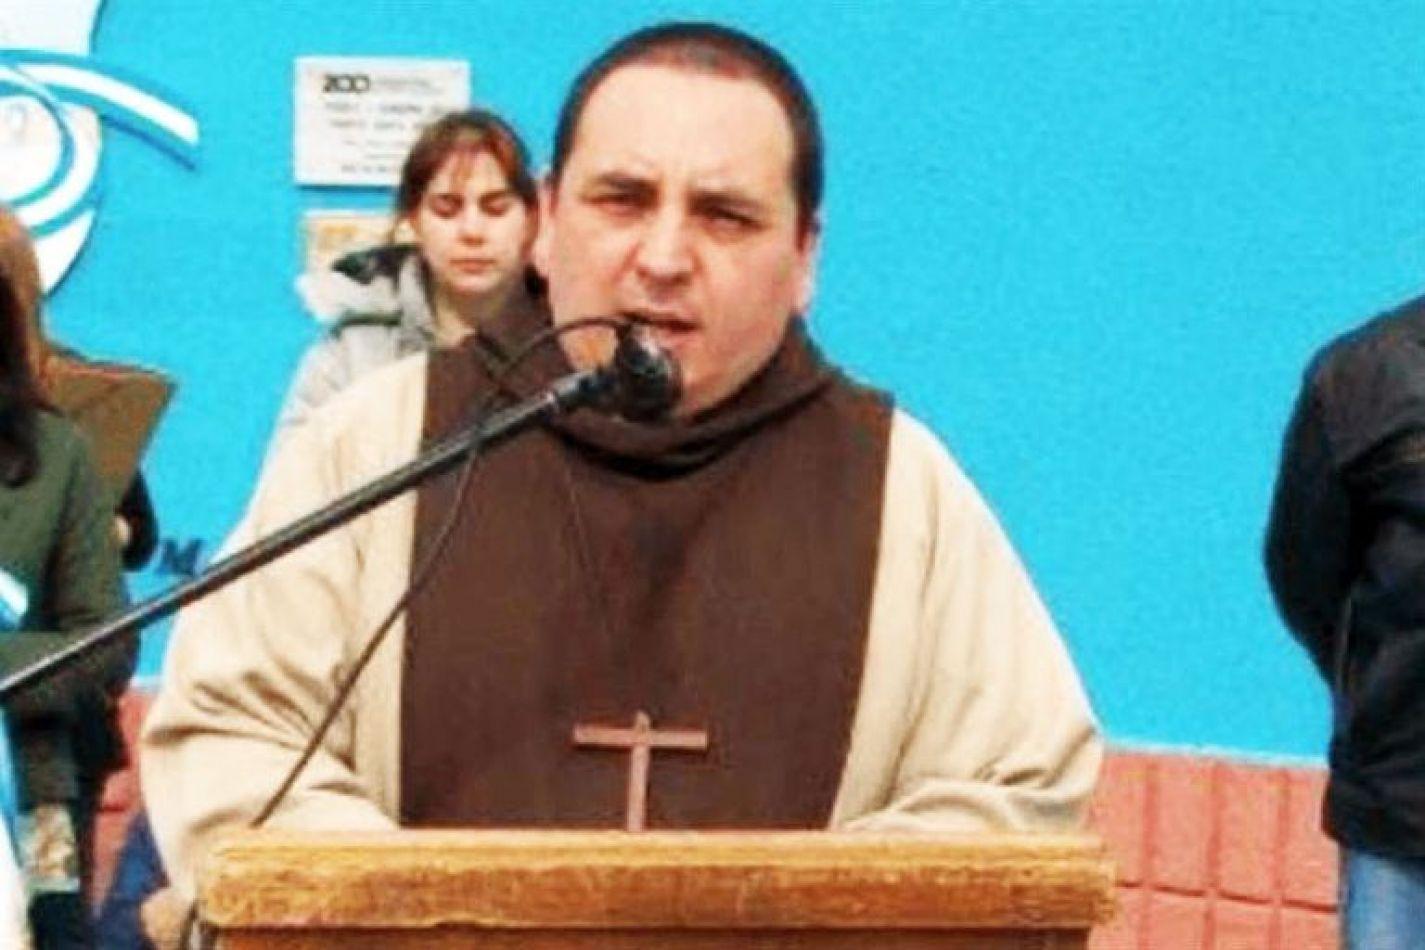 Condenaron a 17 años de prisión al cura Nicolás Parma acusado de abuso sexual